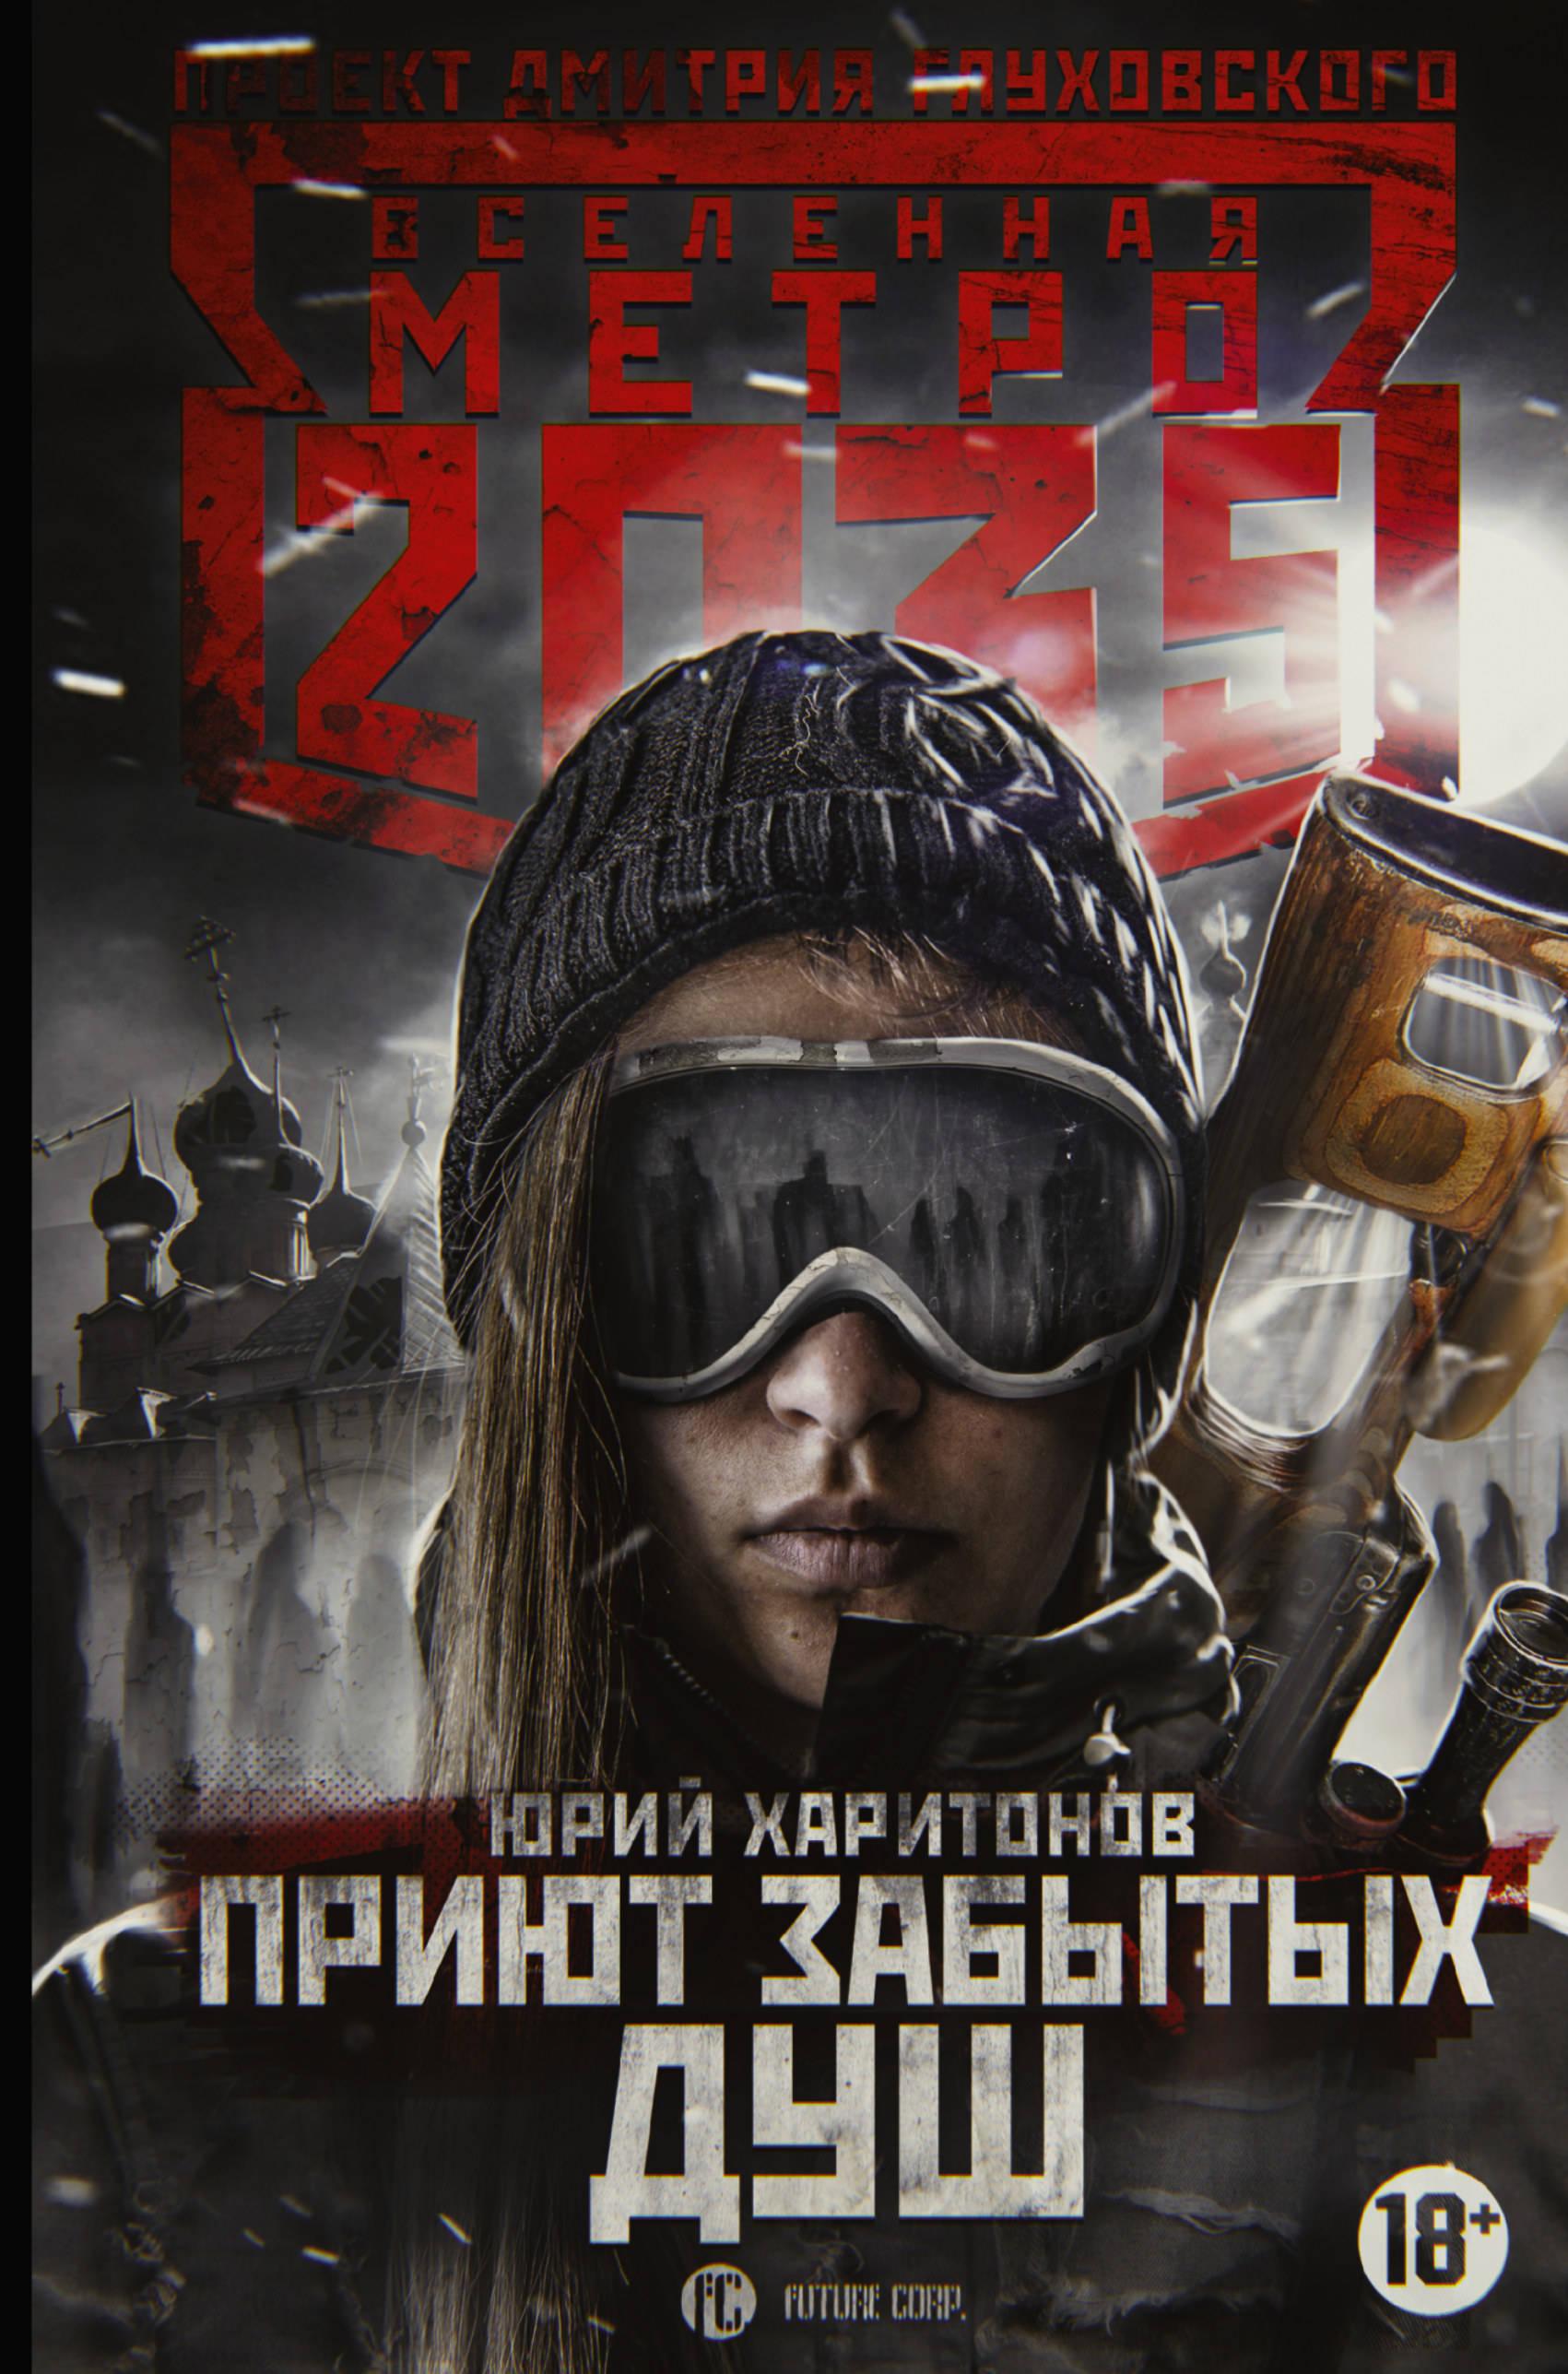 Харитонов Юрий Владимирович Метро 2035: Приют забытых душ